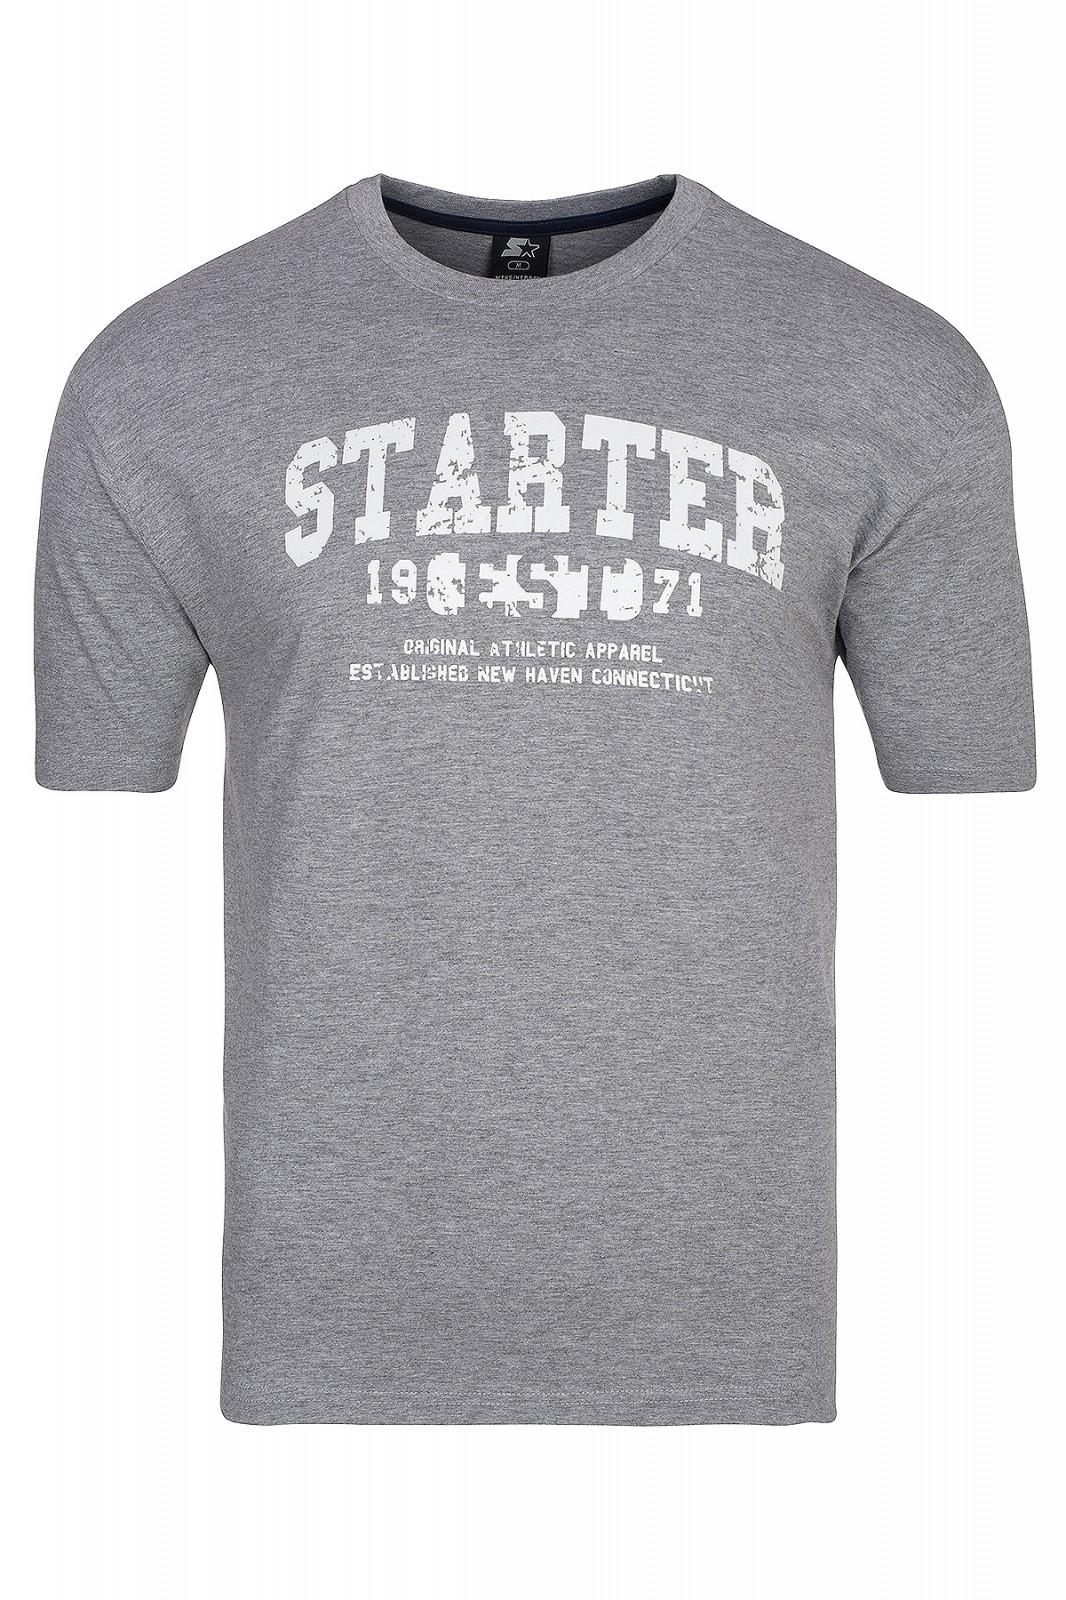 STARTER Logo Tee in Gr. M (eher L) und XL für 4,99 bei Outlet46